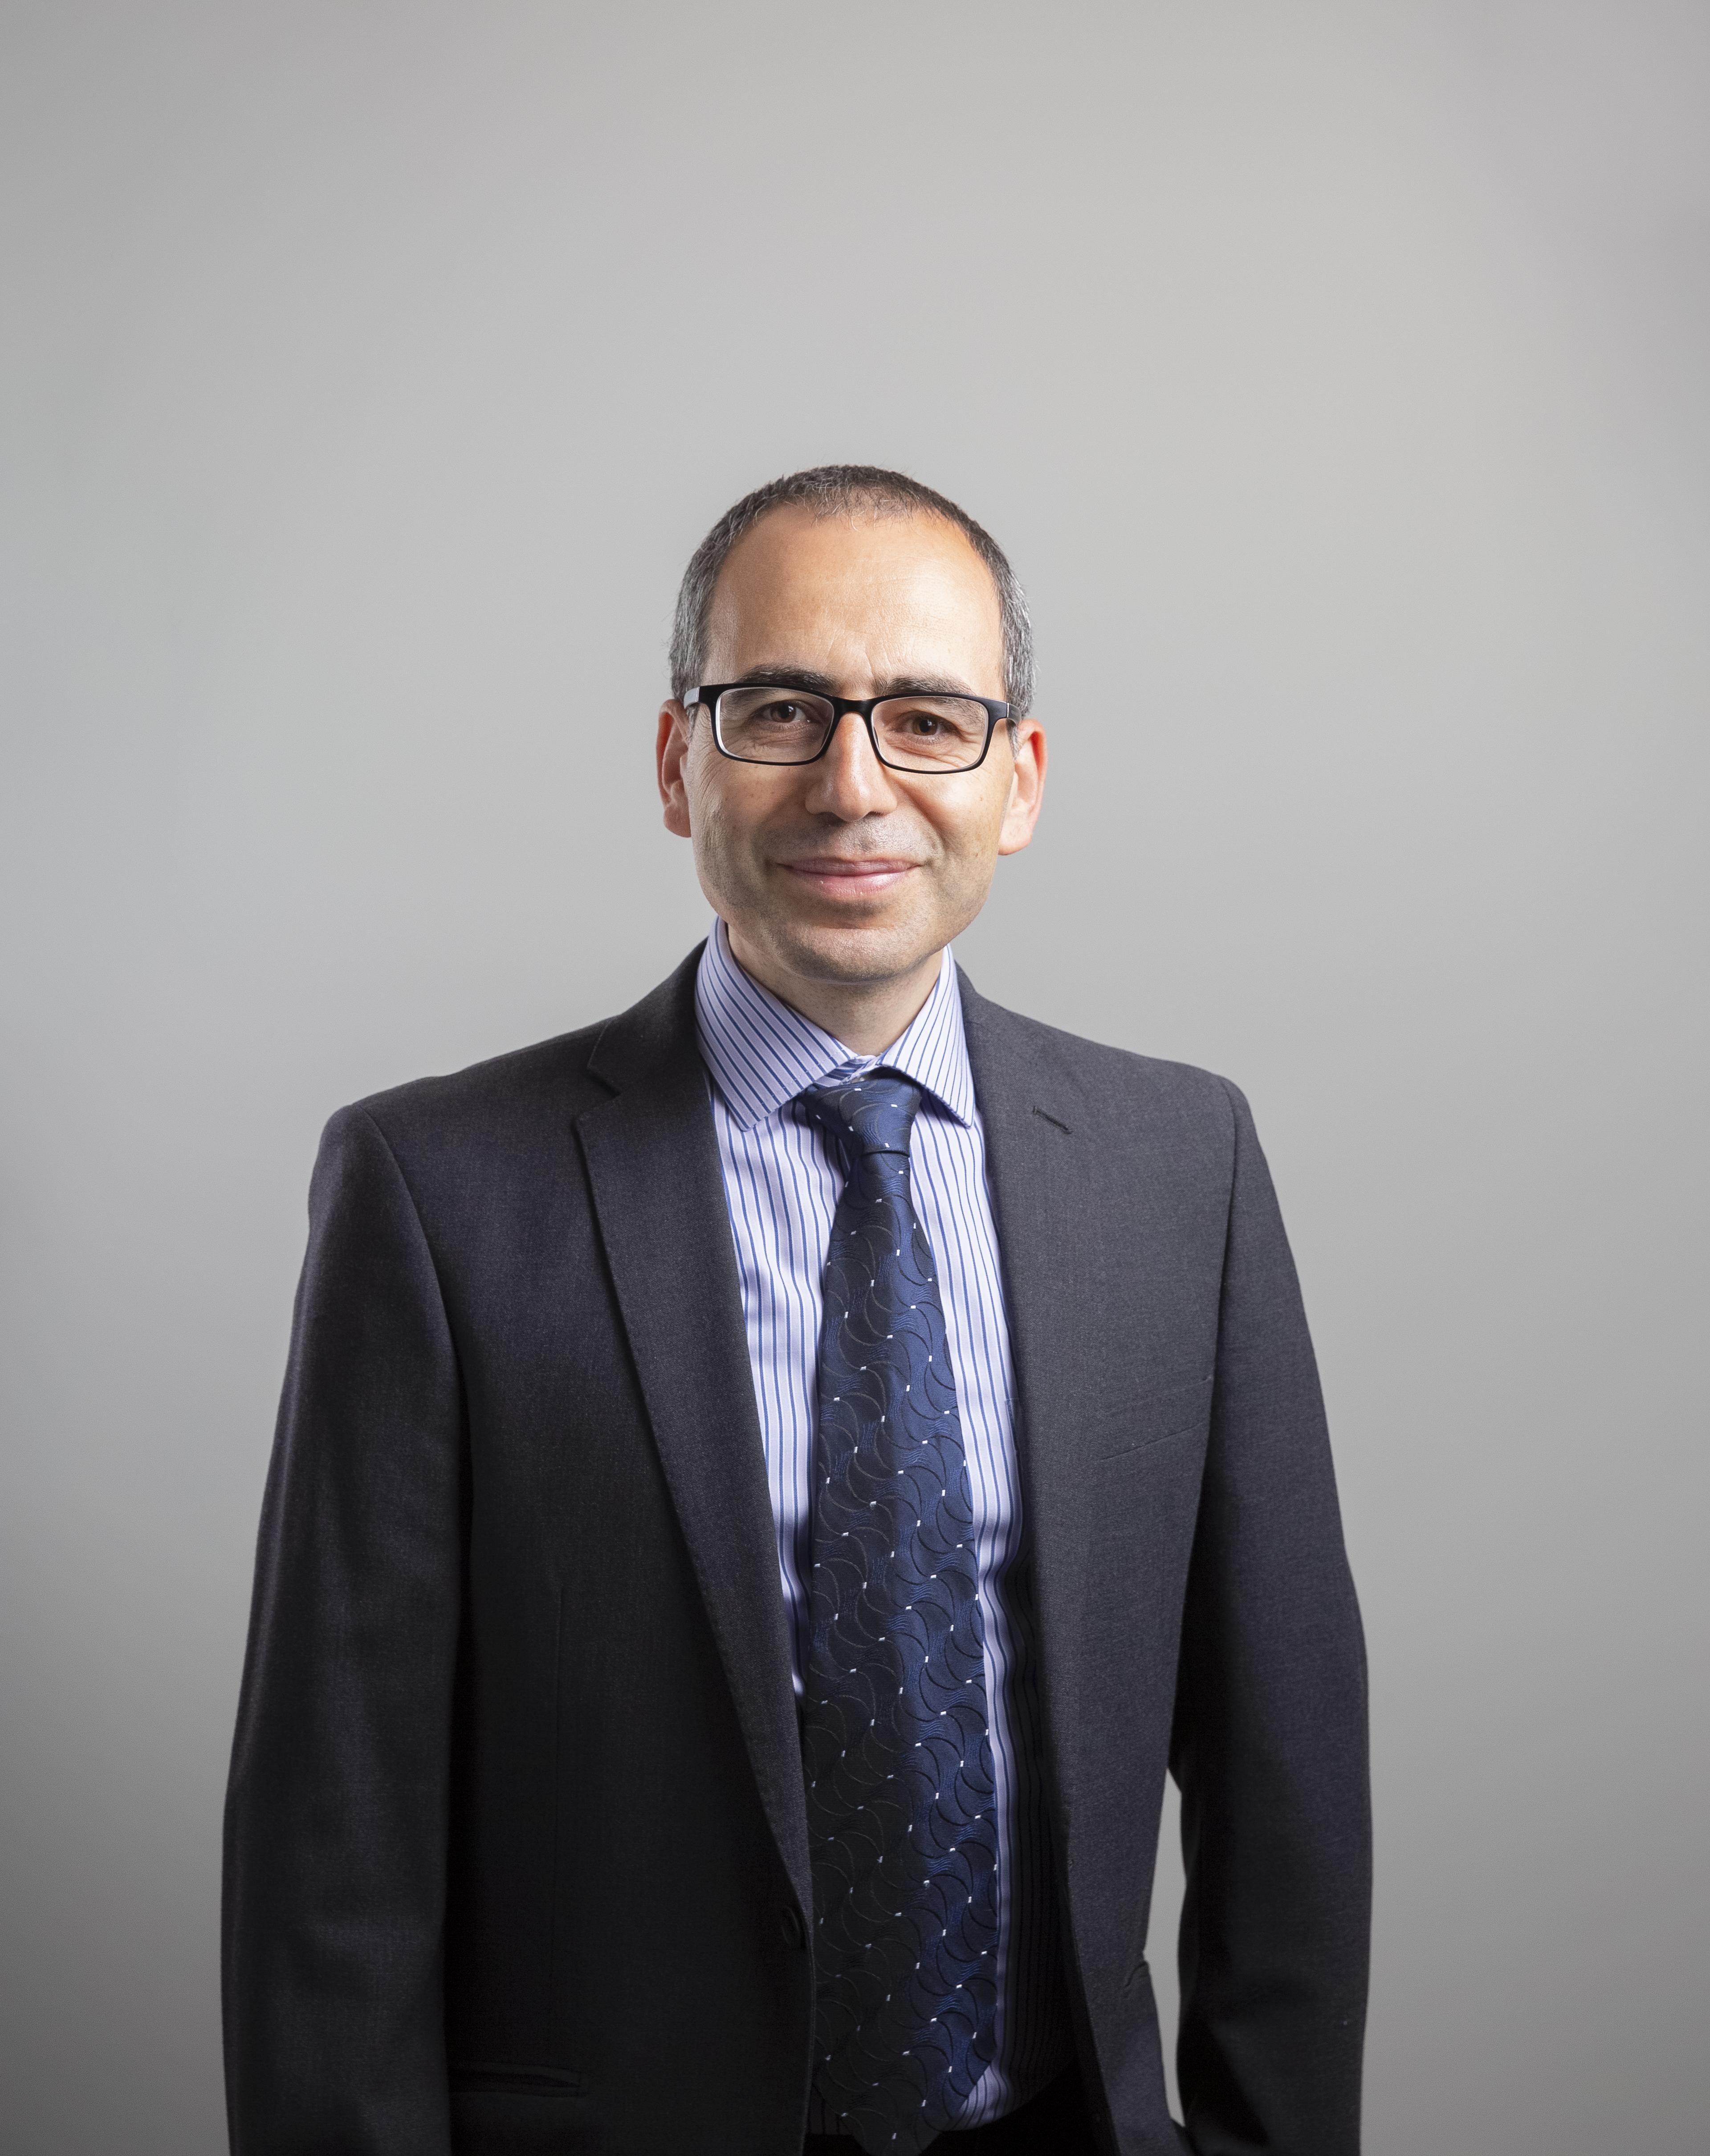 Dr Assalman